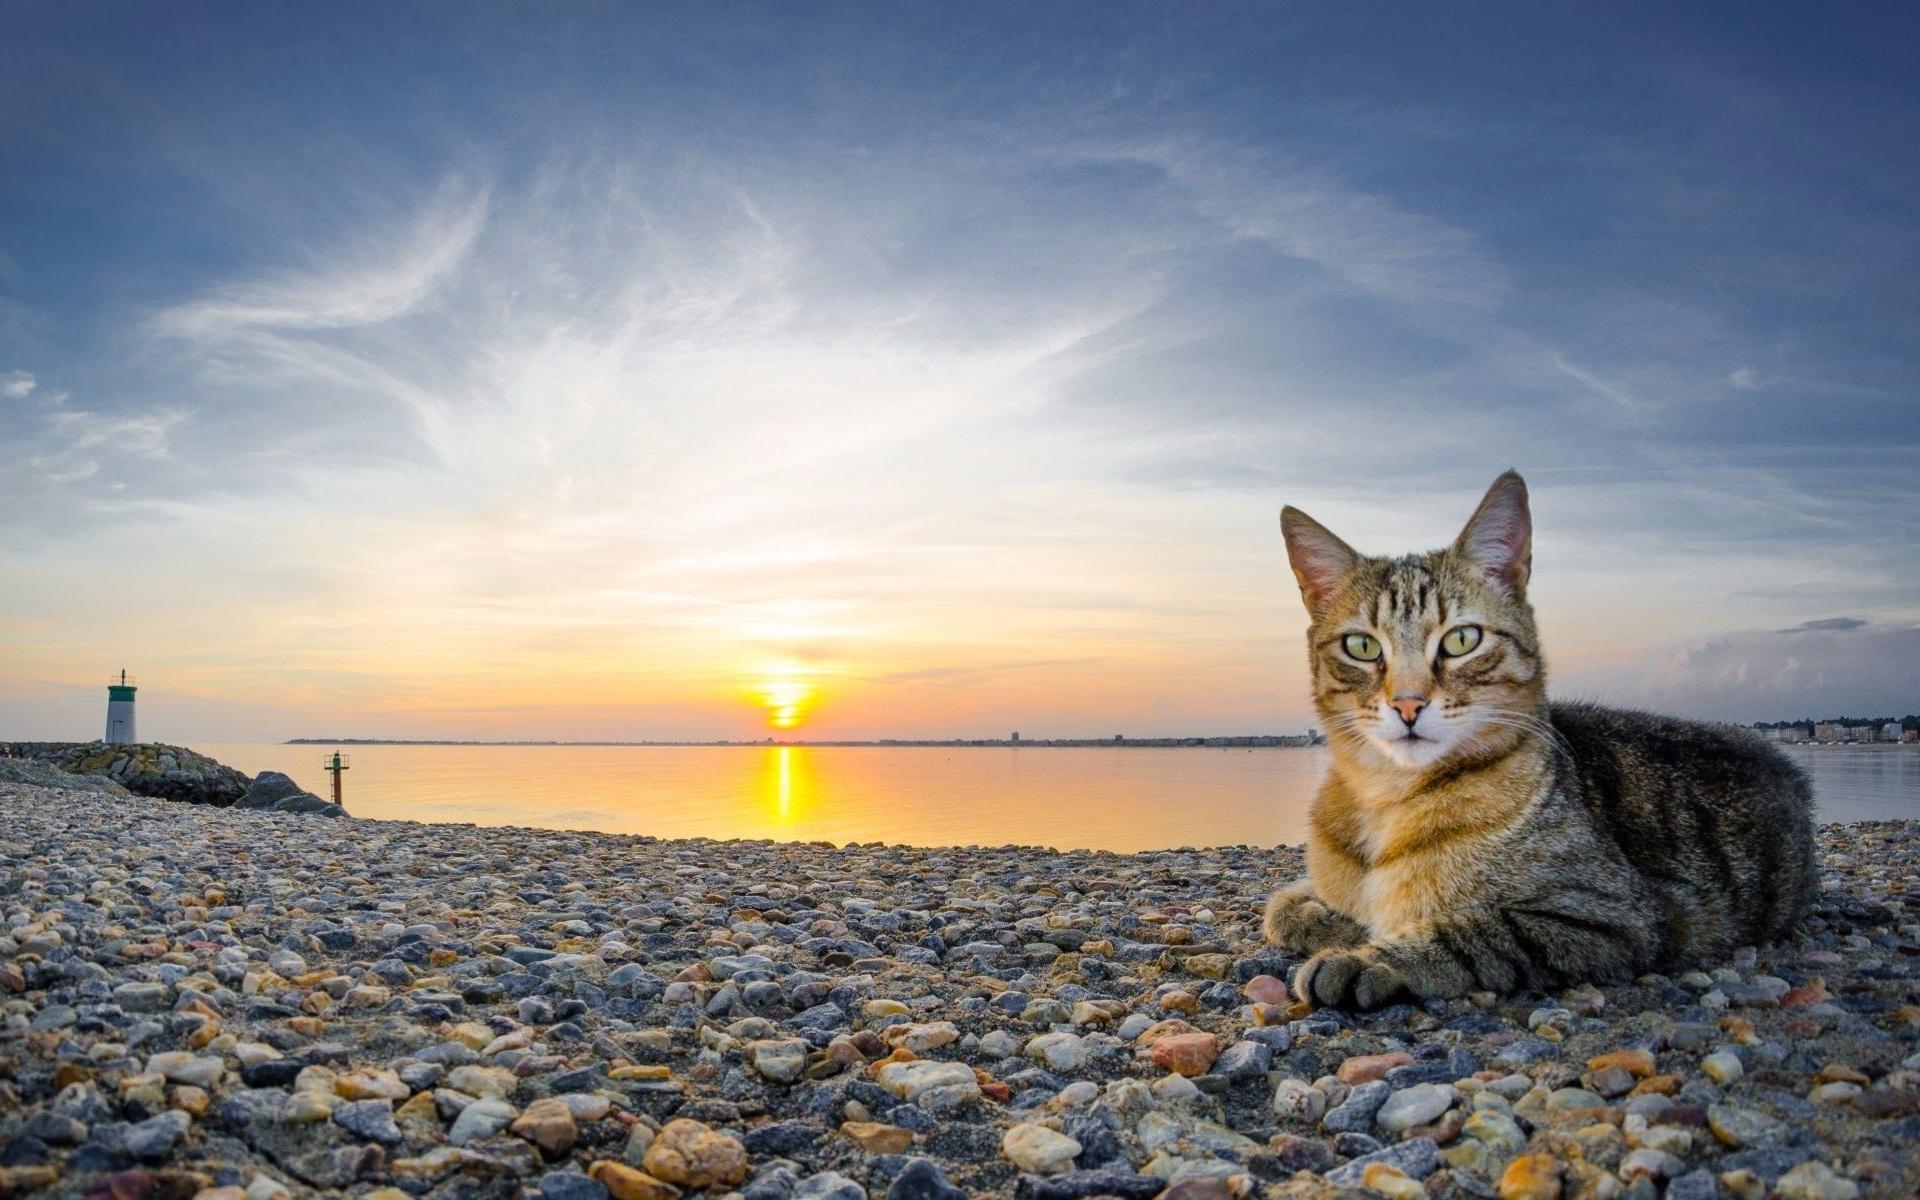 фото для авы солнечная кошка фасон